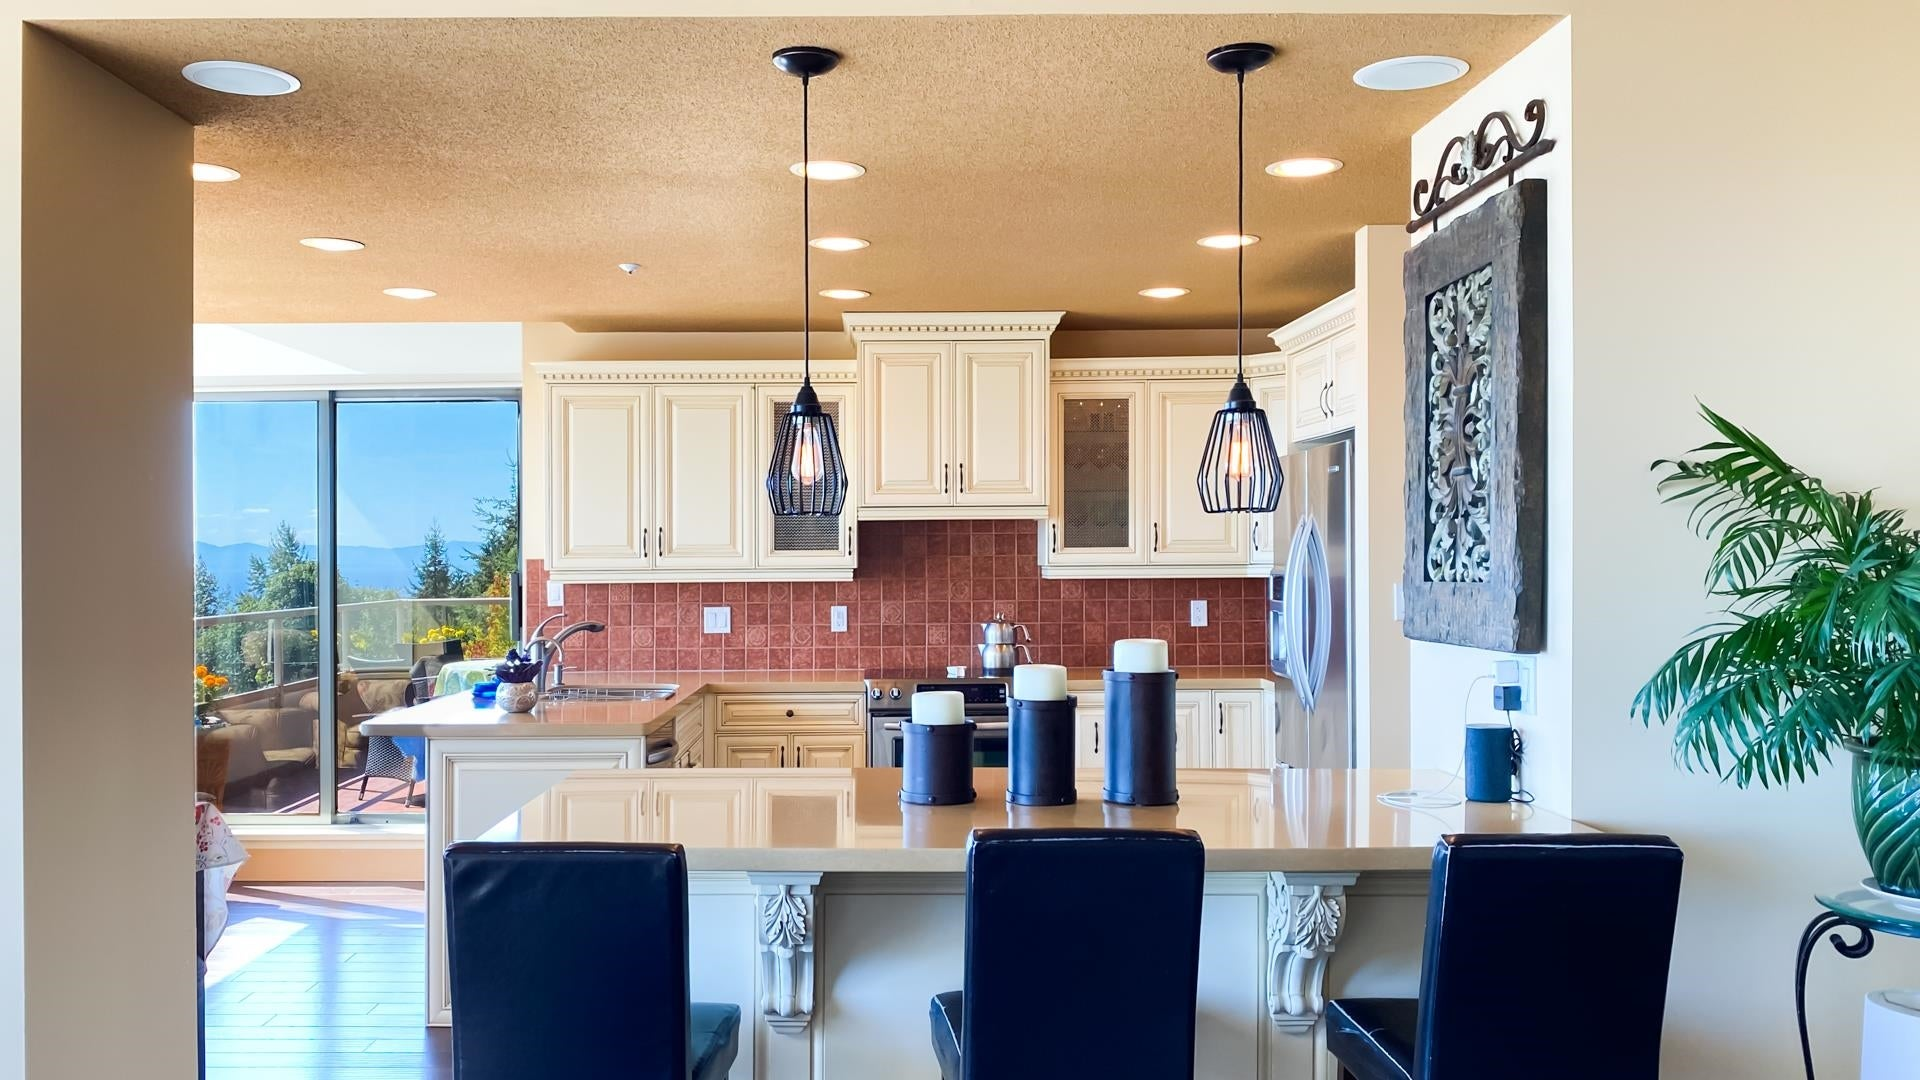 301 3131 DEER RIDGE DRIVE - Deer Ridge WV Apartment/Condo for sale, 2 Bedrooms (R2615692) - #8